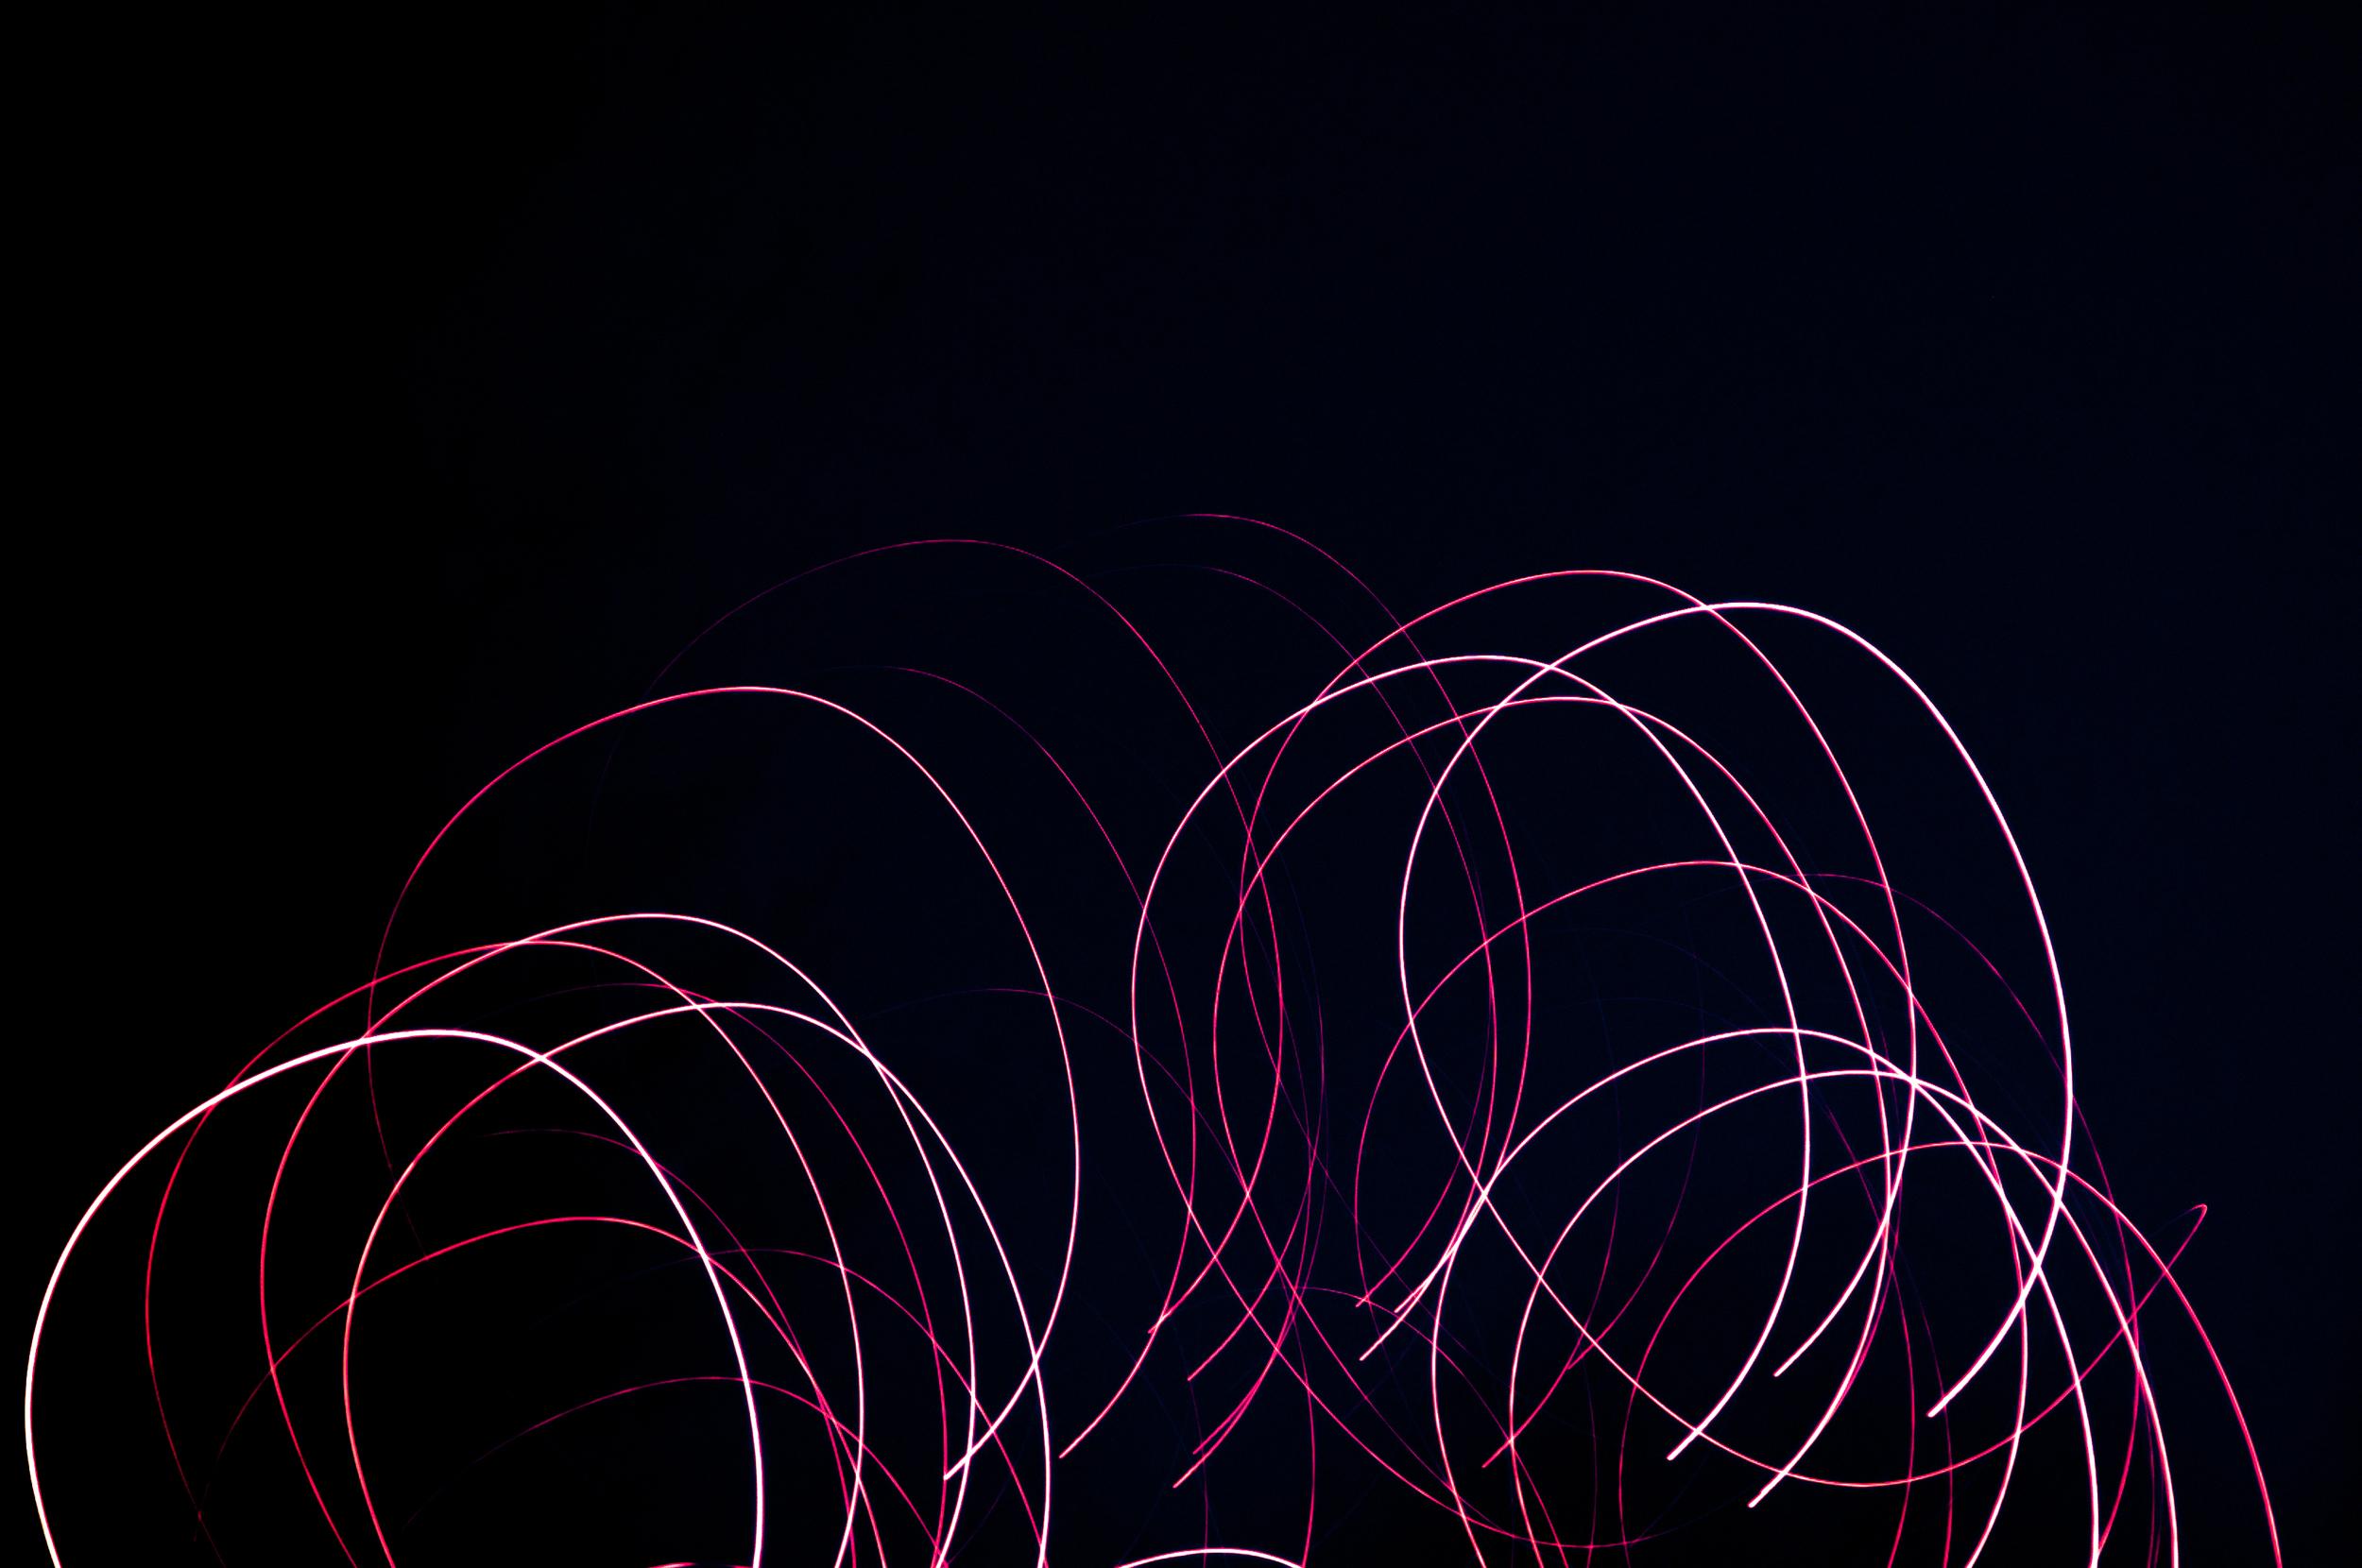 FA_Moving Lights_May 24_-7201.jpg